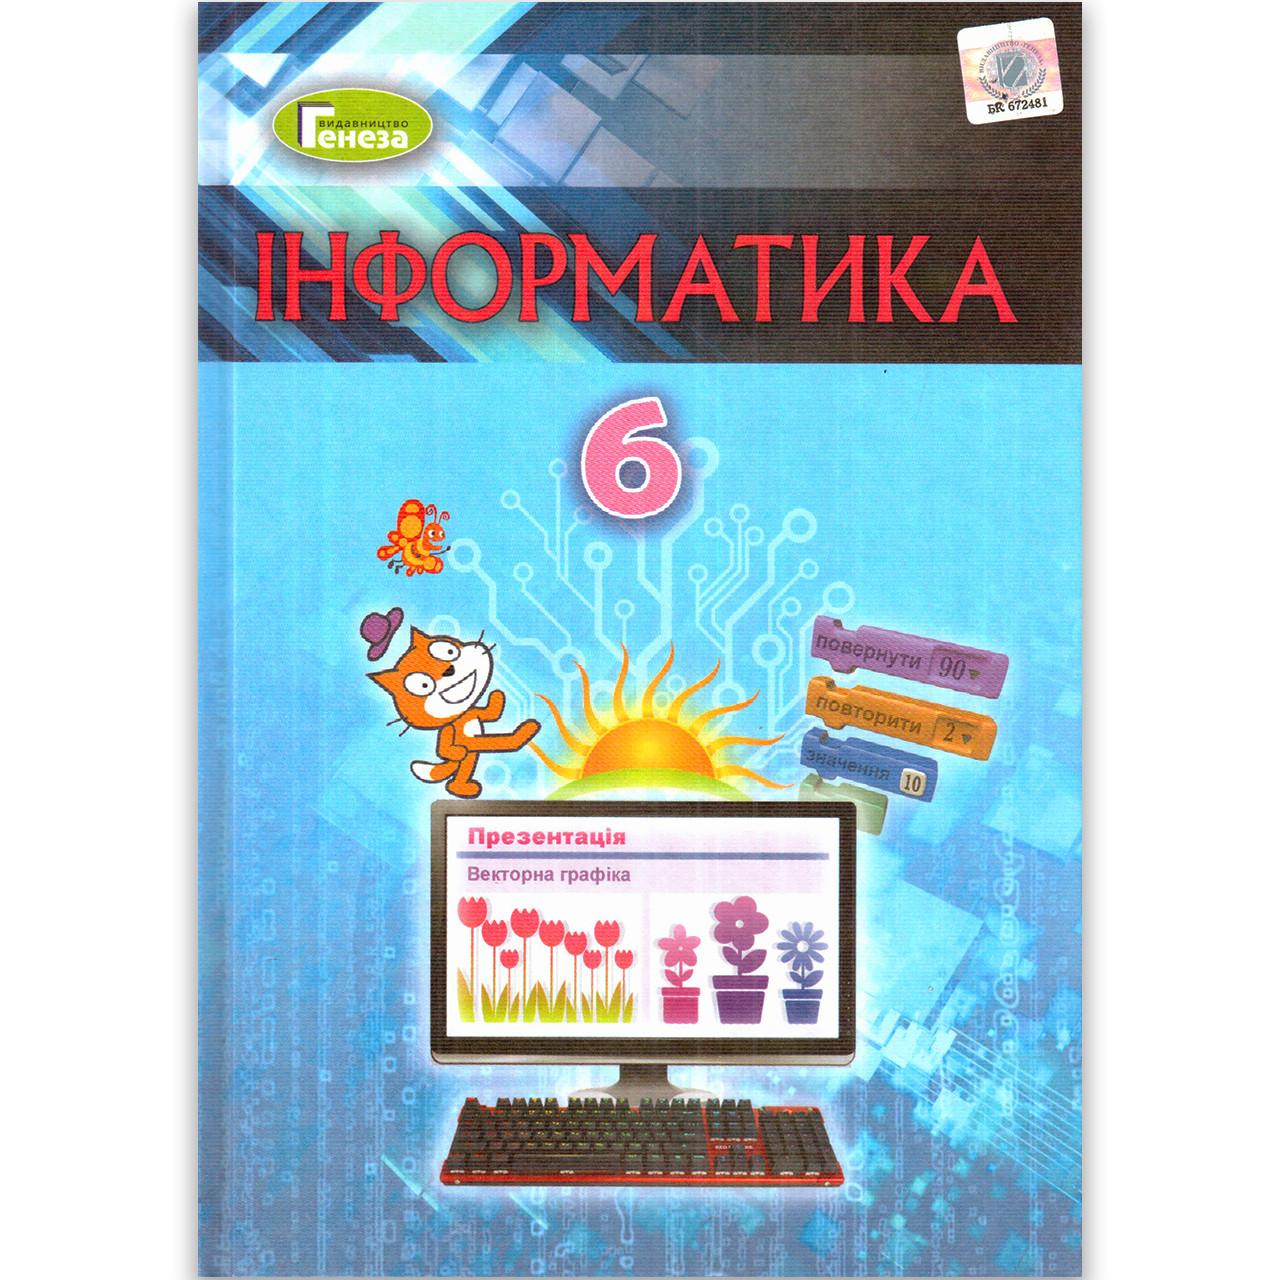 Підручник Інформатика 6 клас Авт: Ривкінд Й. Лисенко Т. Чернікова Л. Шакотько В. Вид: Генеза